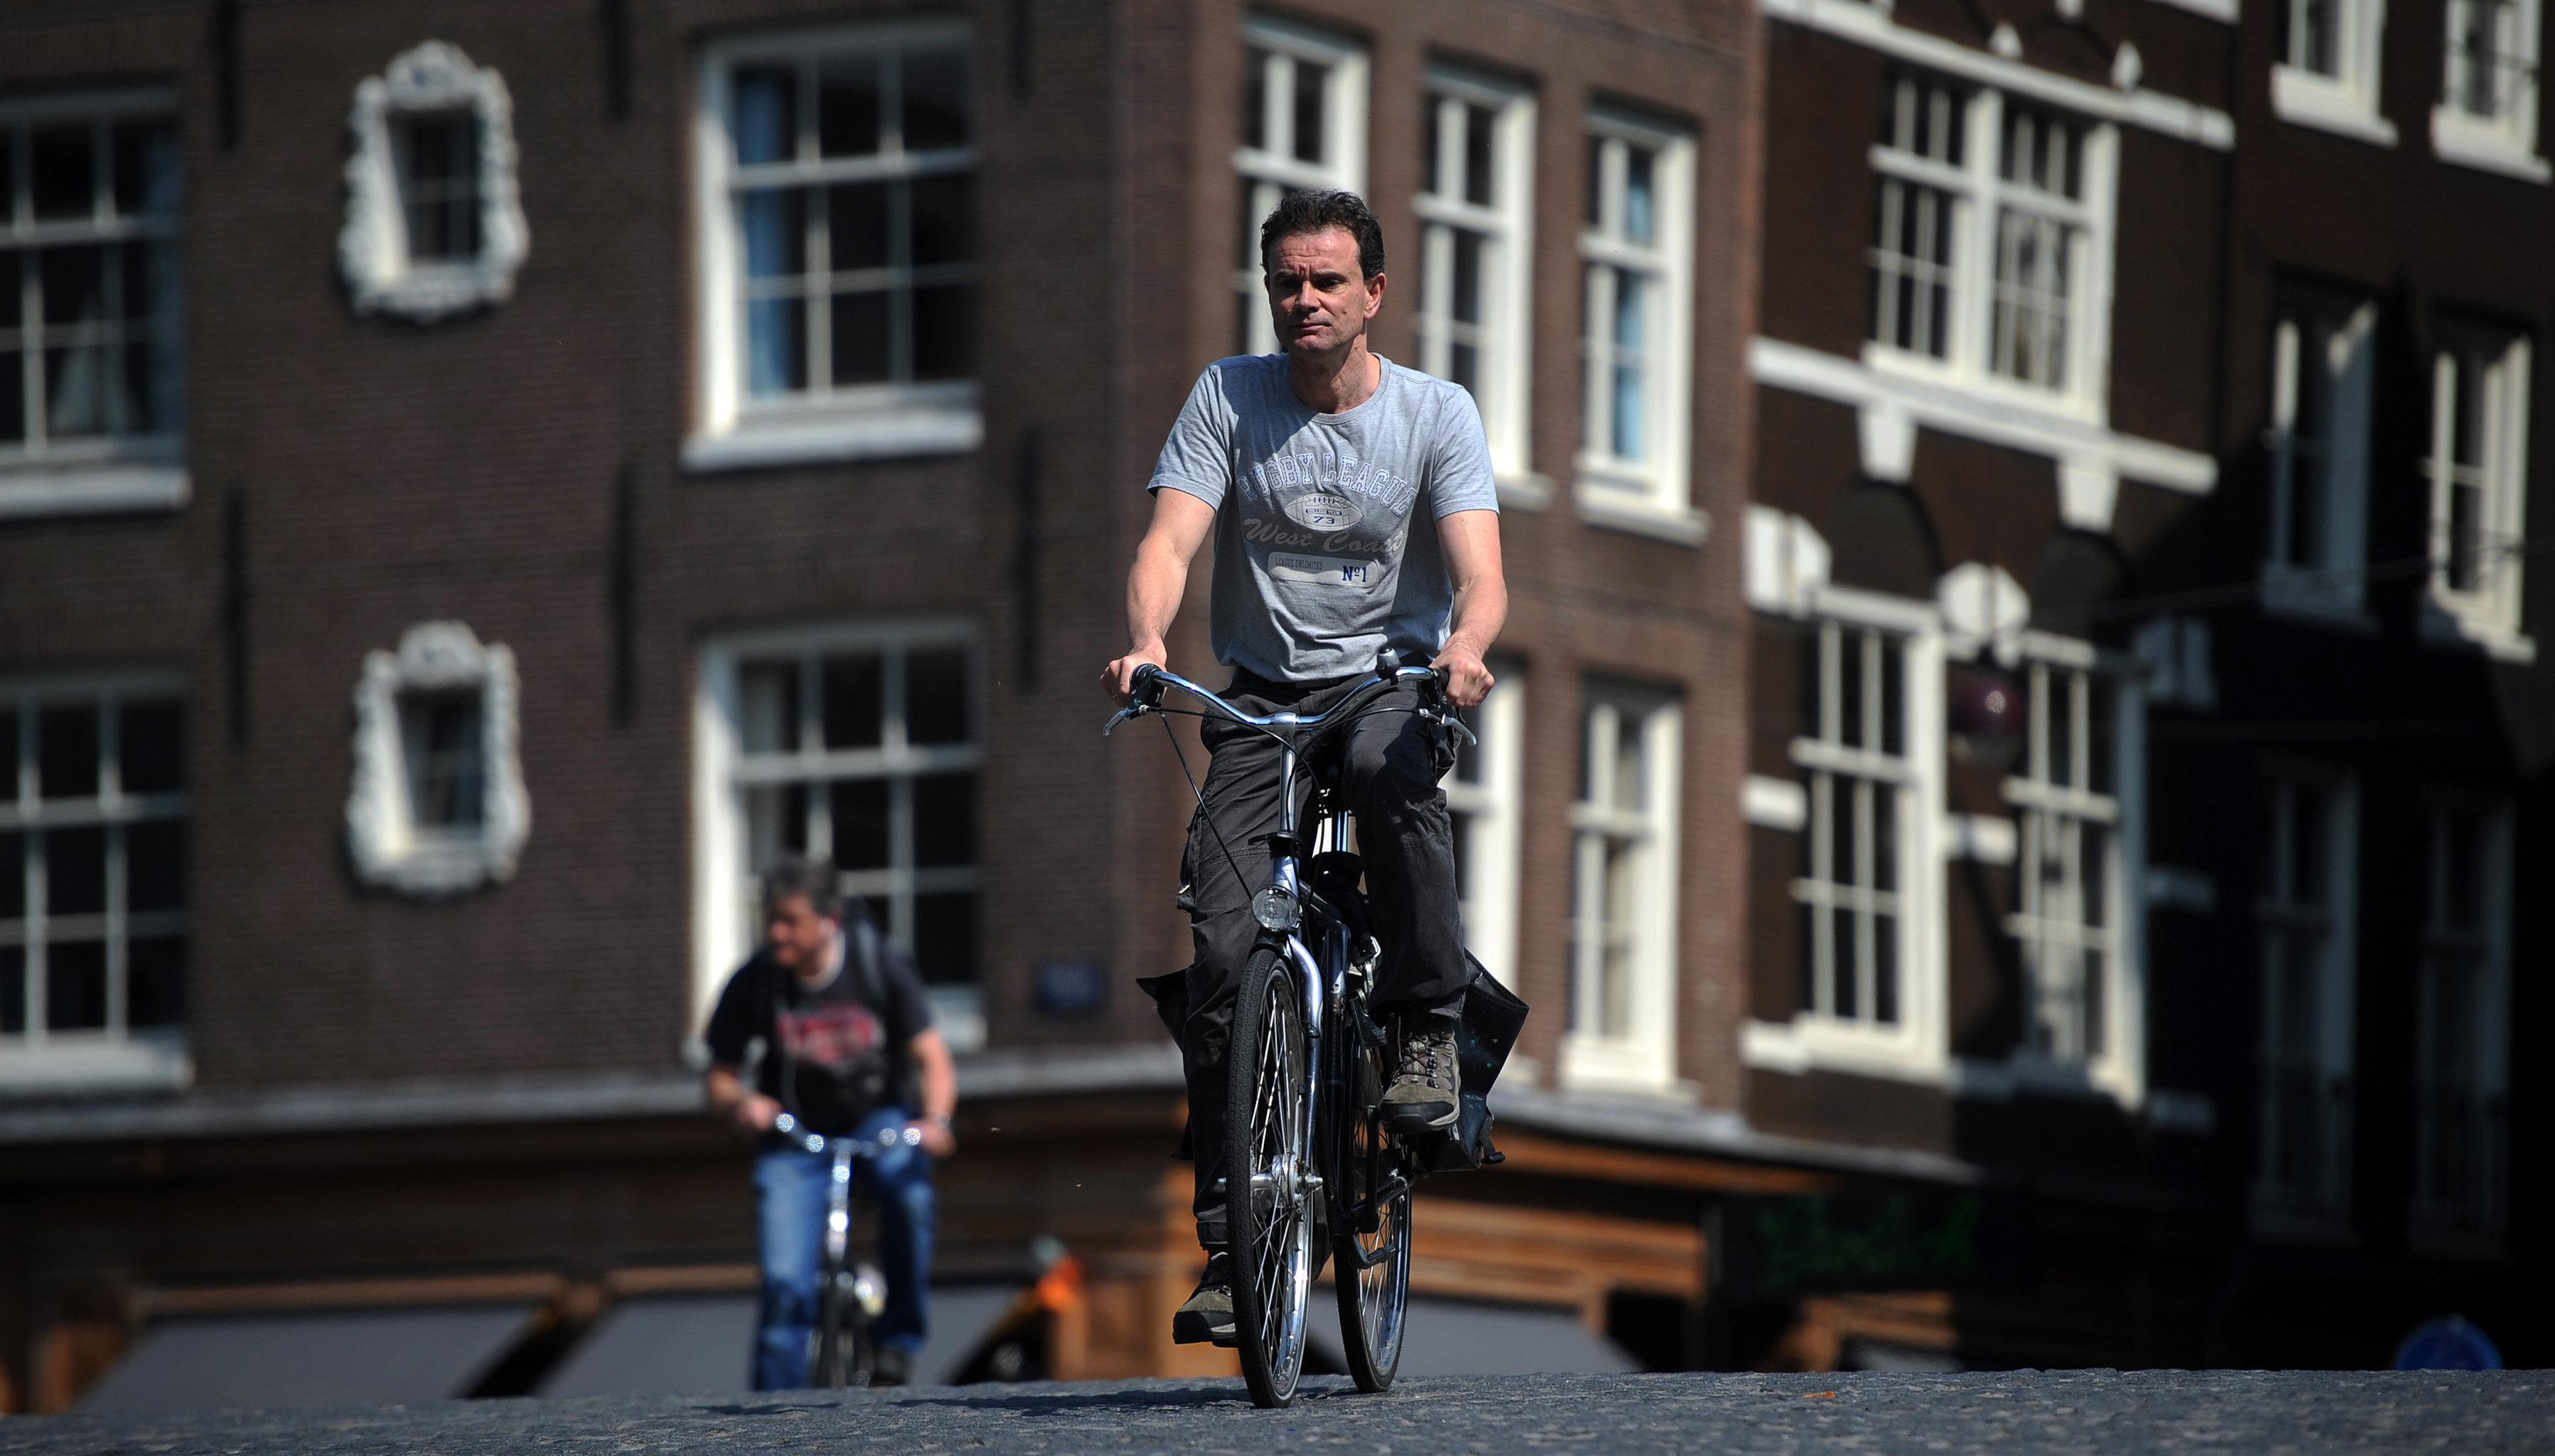 Города мирUn habitant d'Amsterdamа. Амстердам